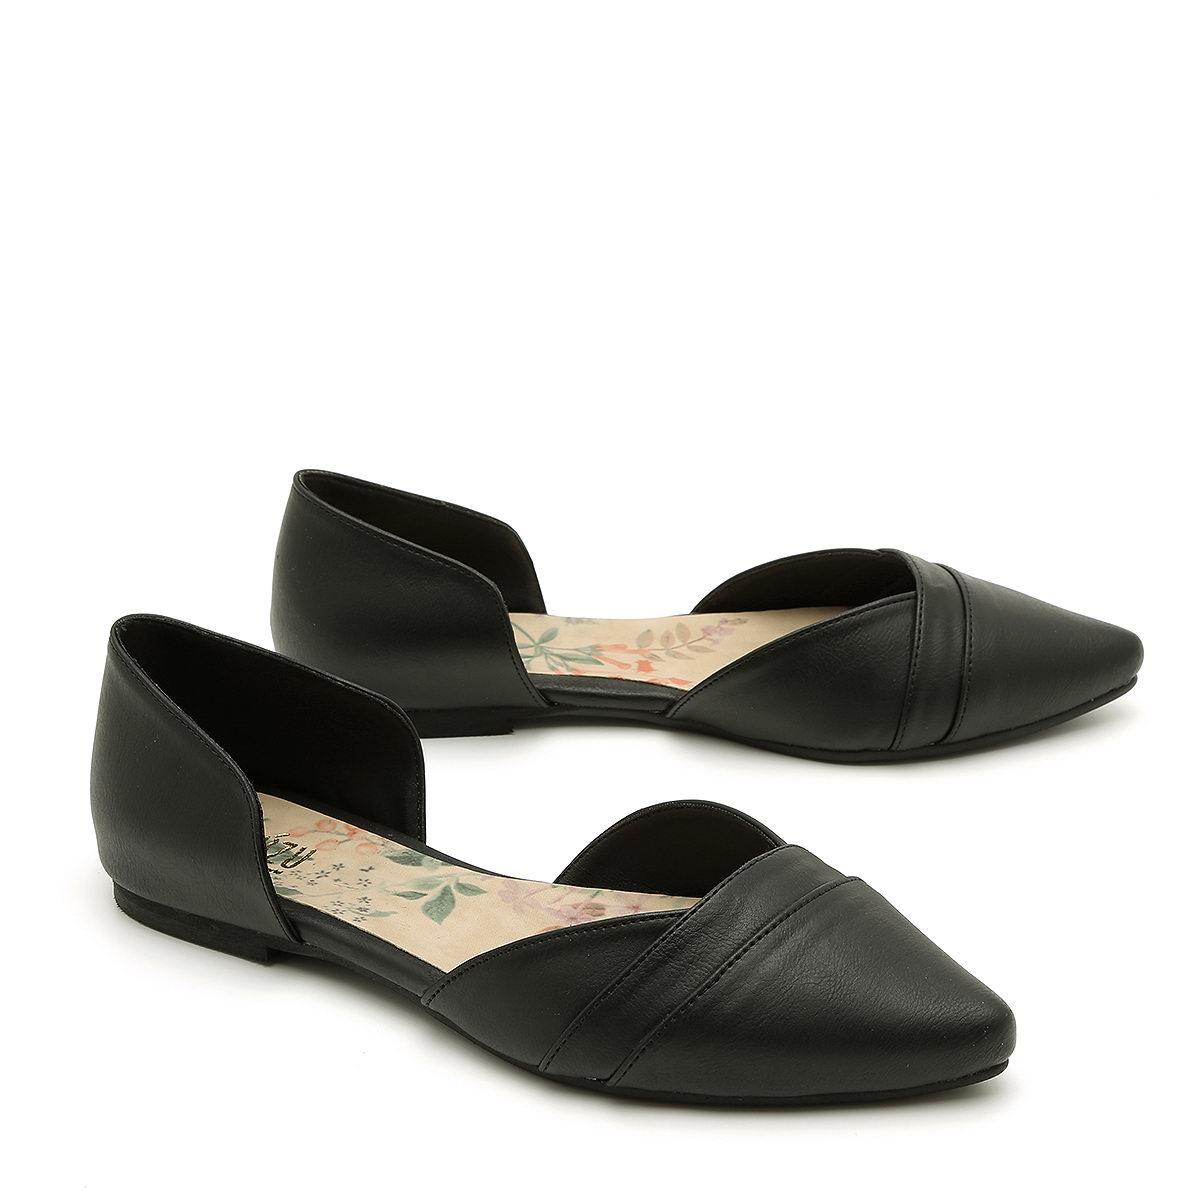 בלעדי לאתר - דגם אנה: נעלי שפיץ טבעוניות